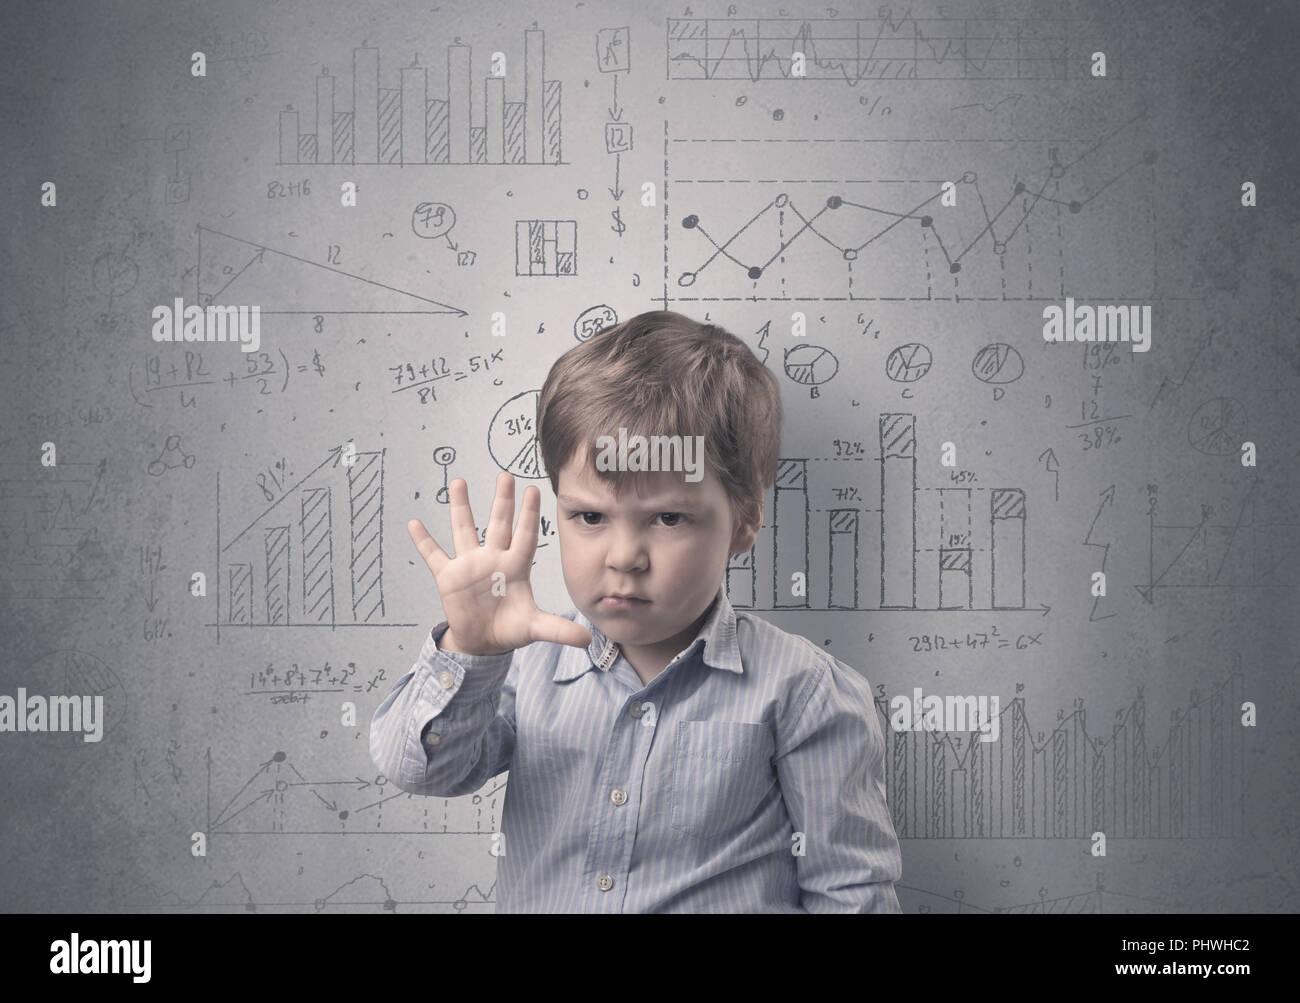 Ragazzino di fronte a un muro grigio con grafici e statistiche intorno Immagini Stock